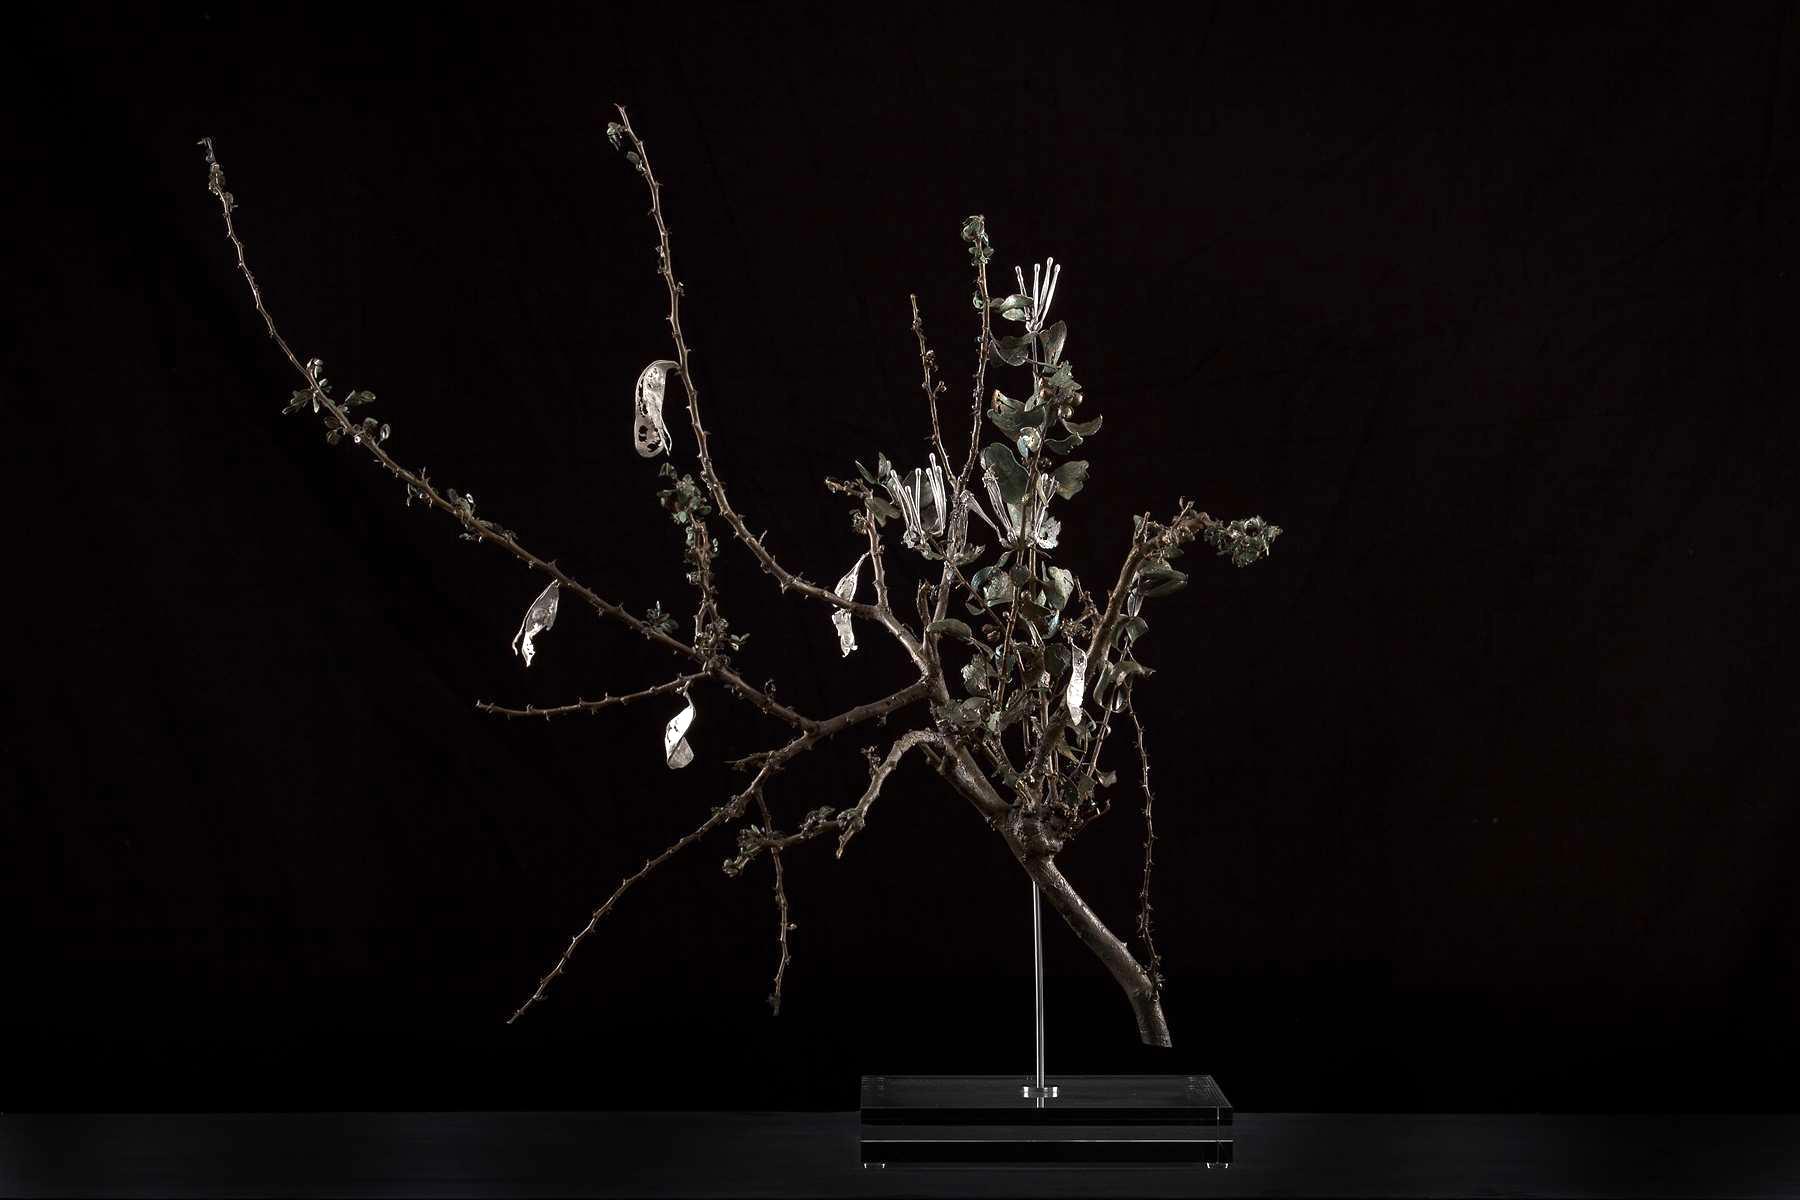 <i>Acacia mellifera subsp. detinens & Tapinanthus oleifolius </i>